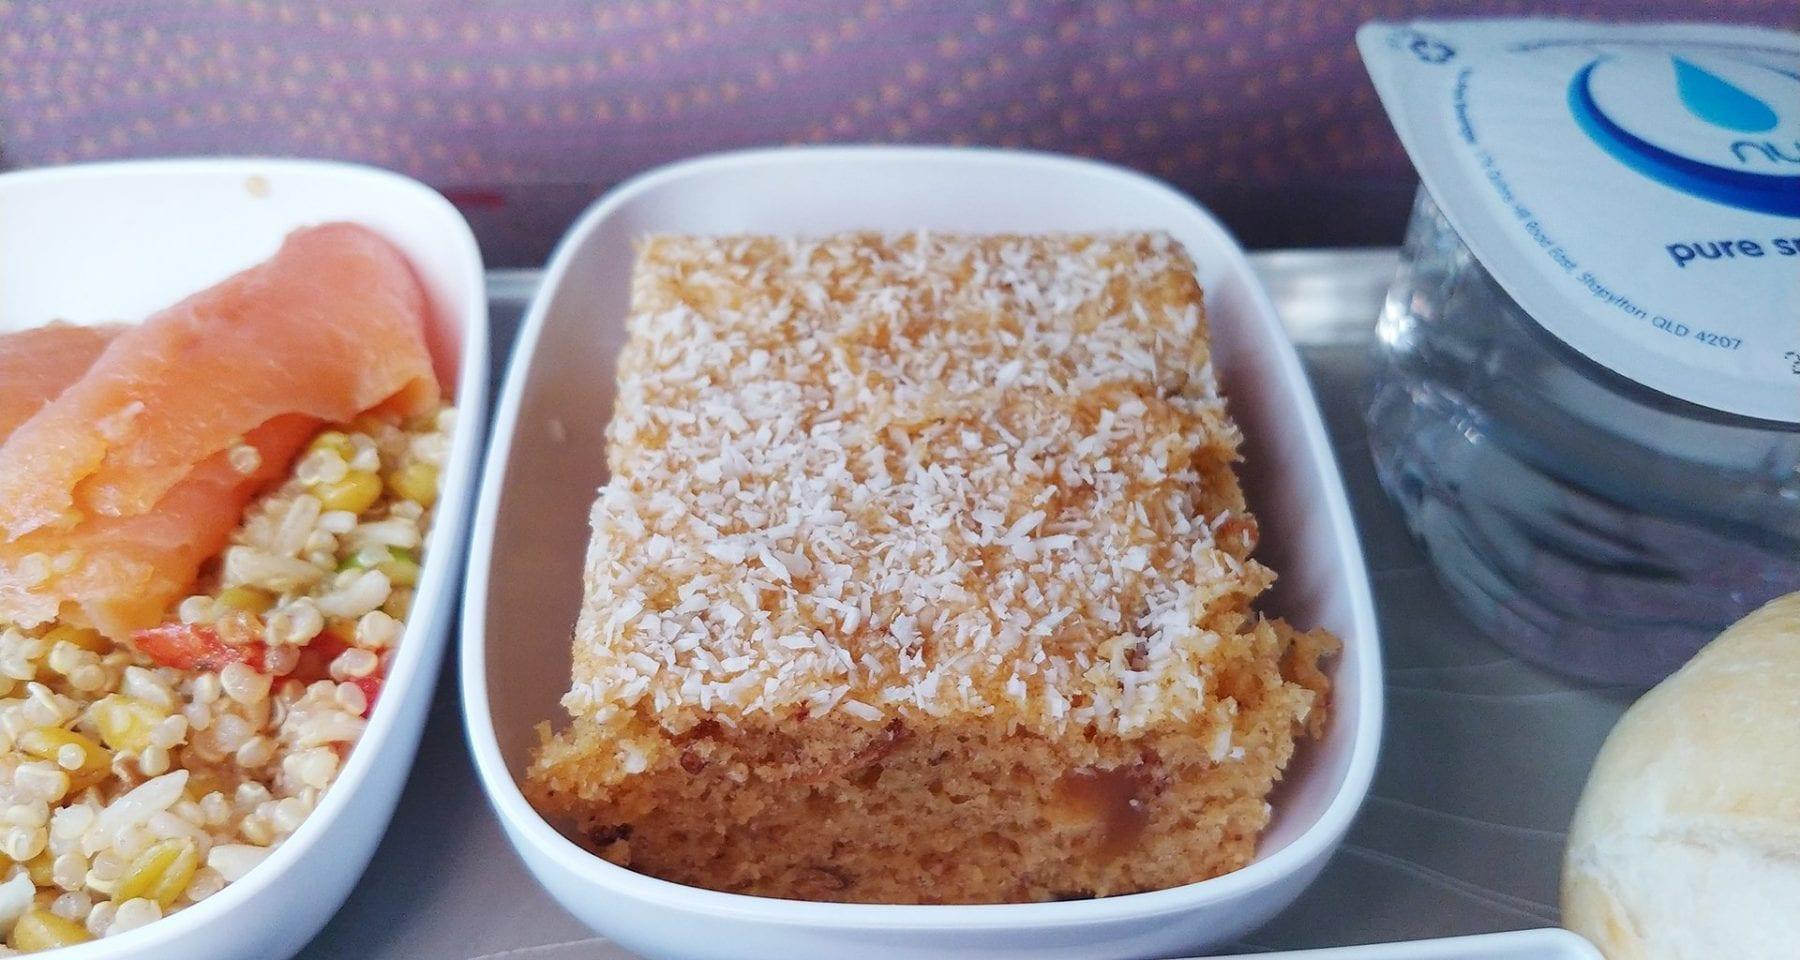 Emirates economy class dessert